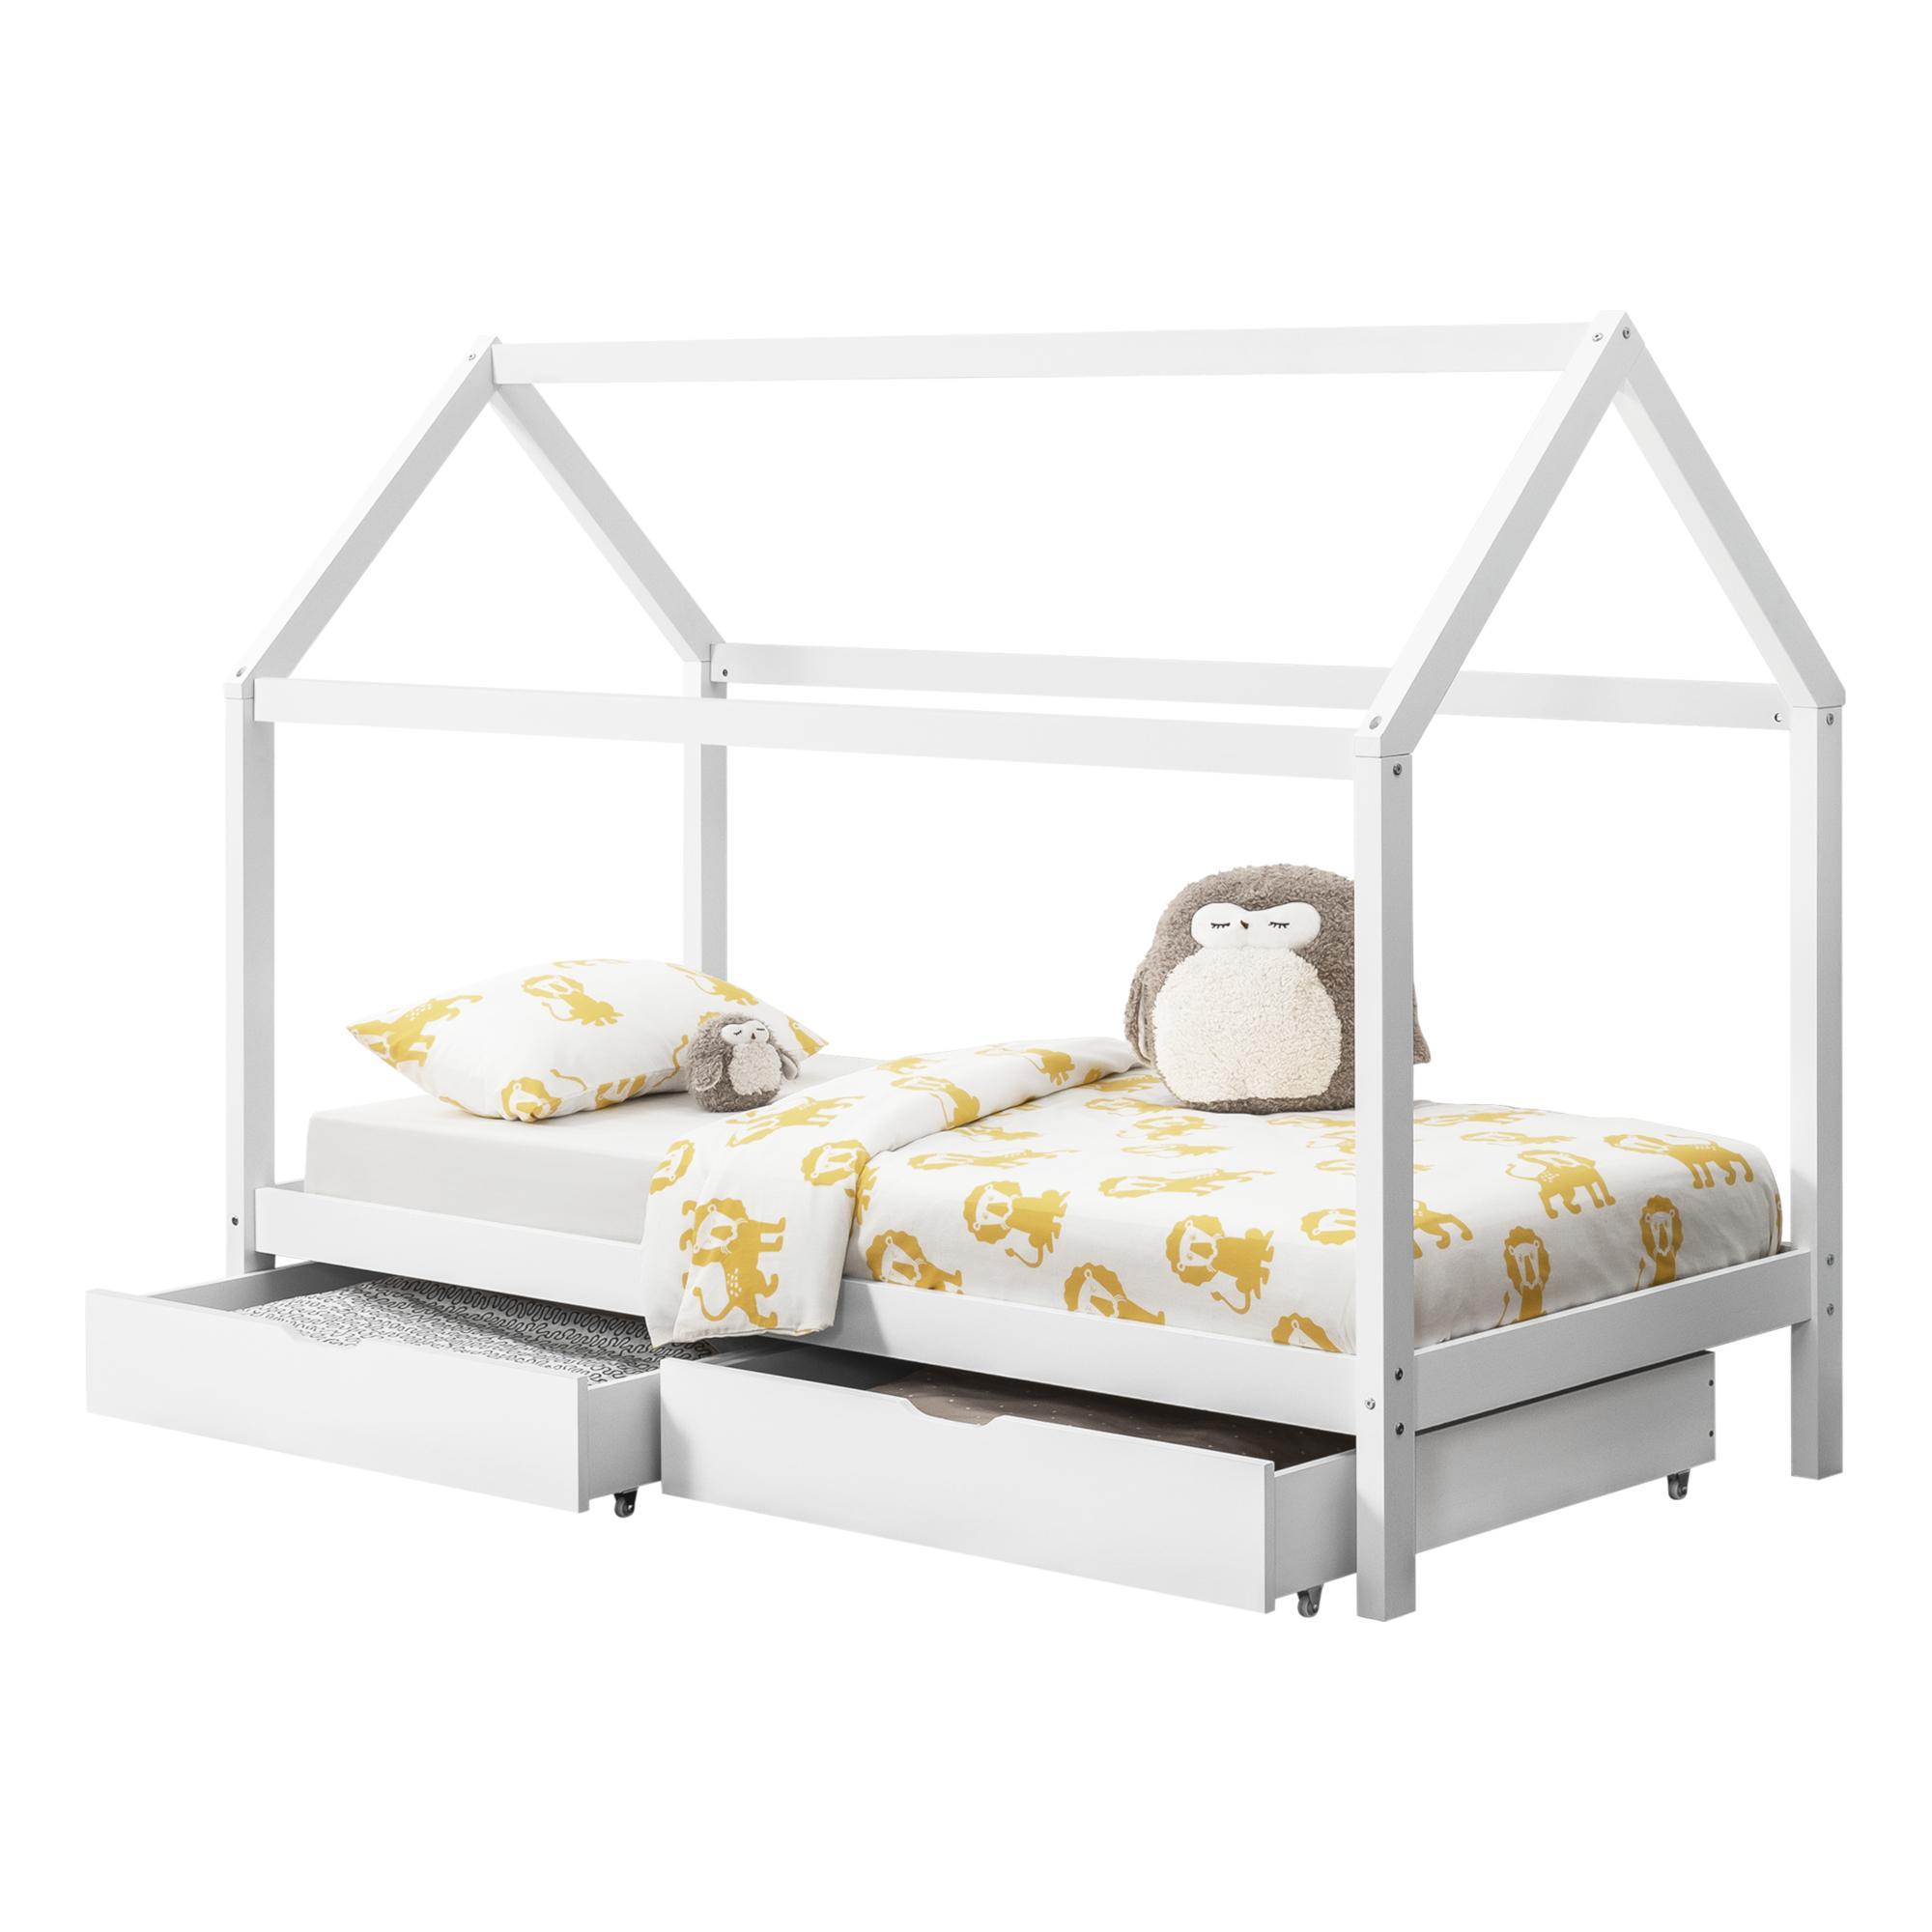 [en.casa] Detská posteľ AAKB-8688 s roštom